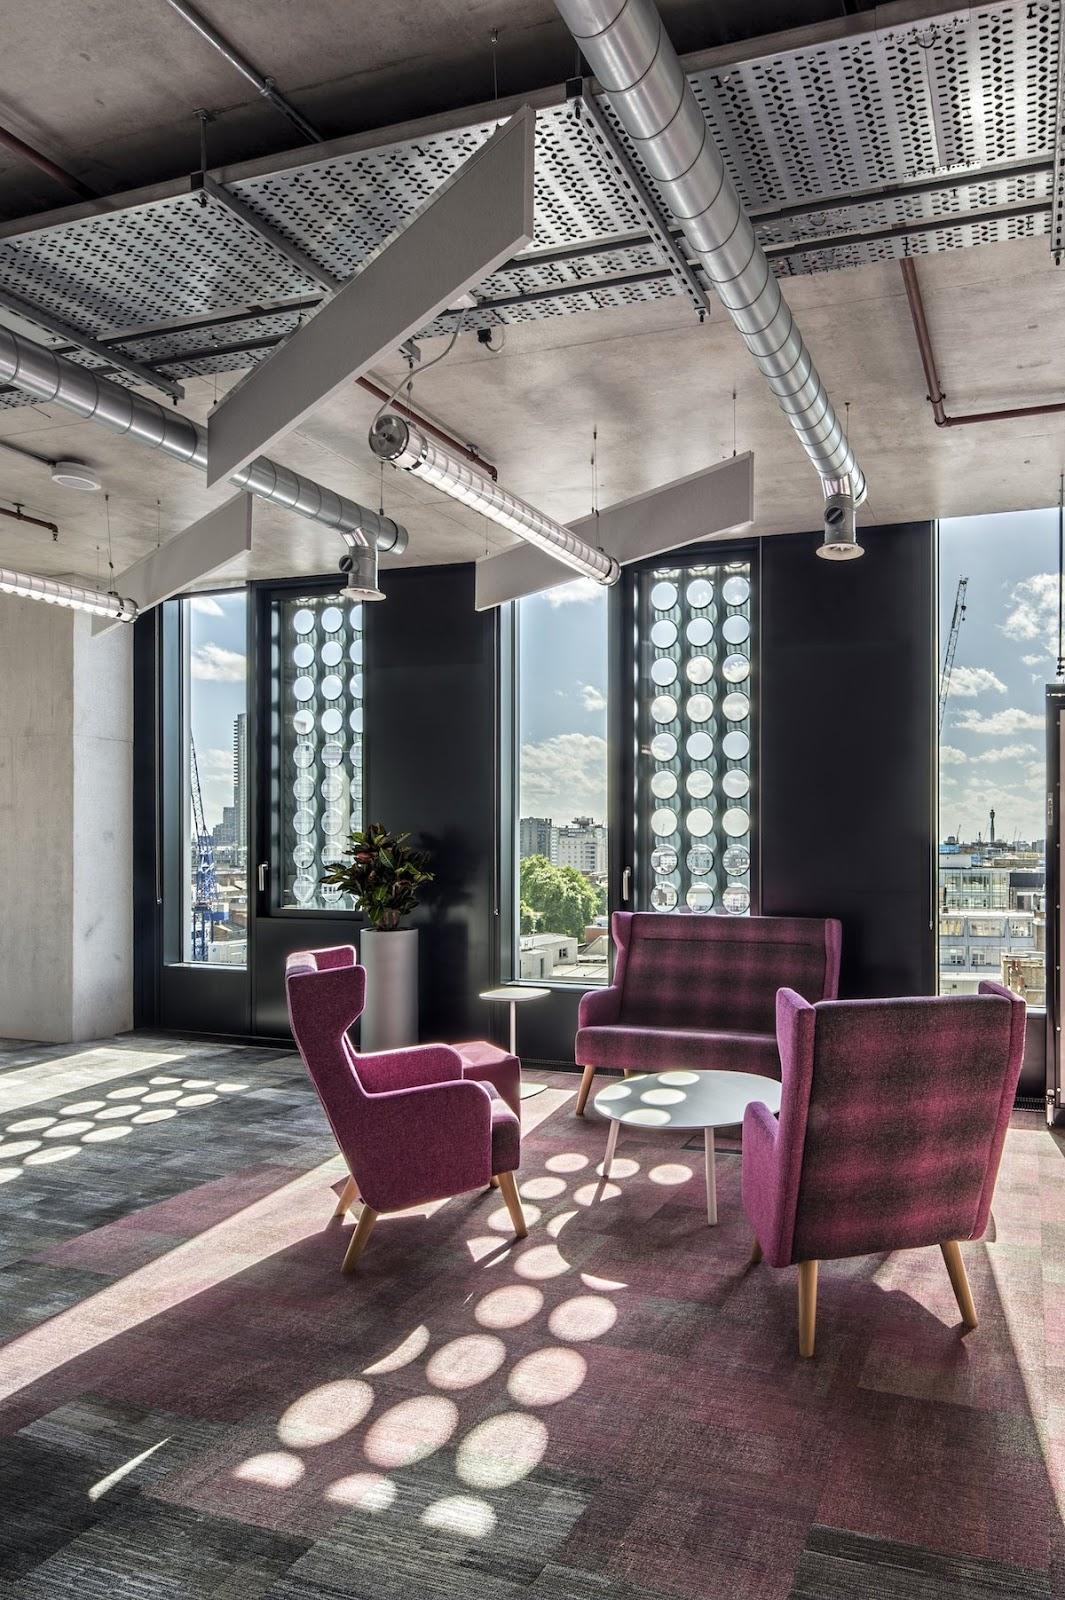 Ngồi ghế tại đây, vừa uống trà vừa ngắm nhìn toàn cảnh London thì còn gì bằng!